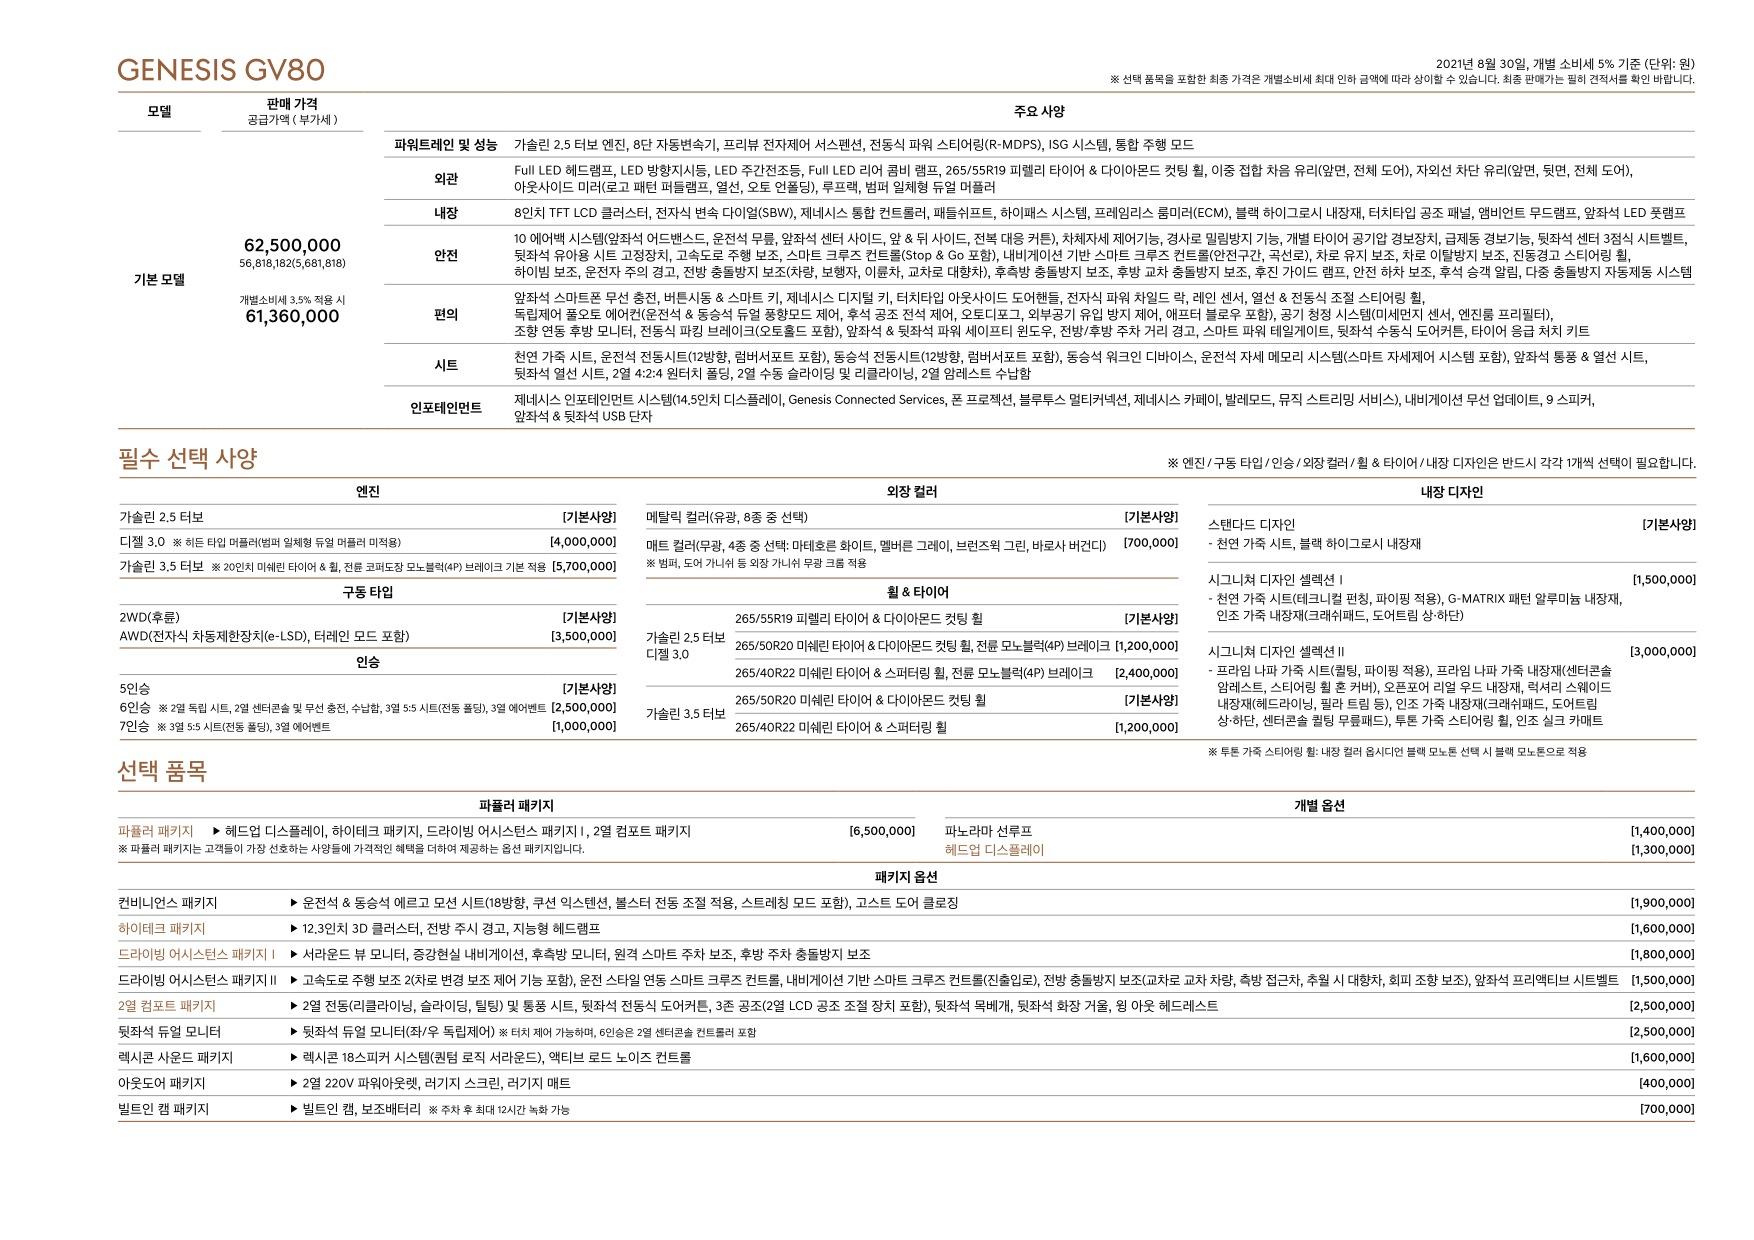 genesis-gv80-22my-pricelist-kor-202108_02.jpg